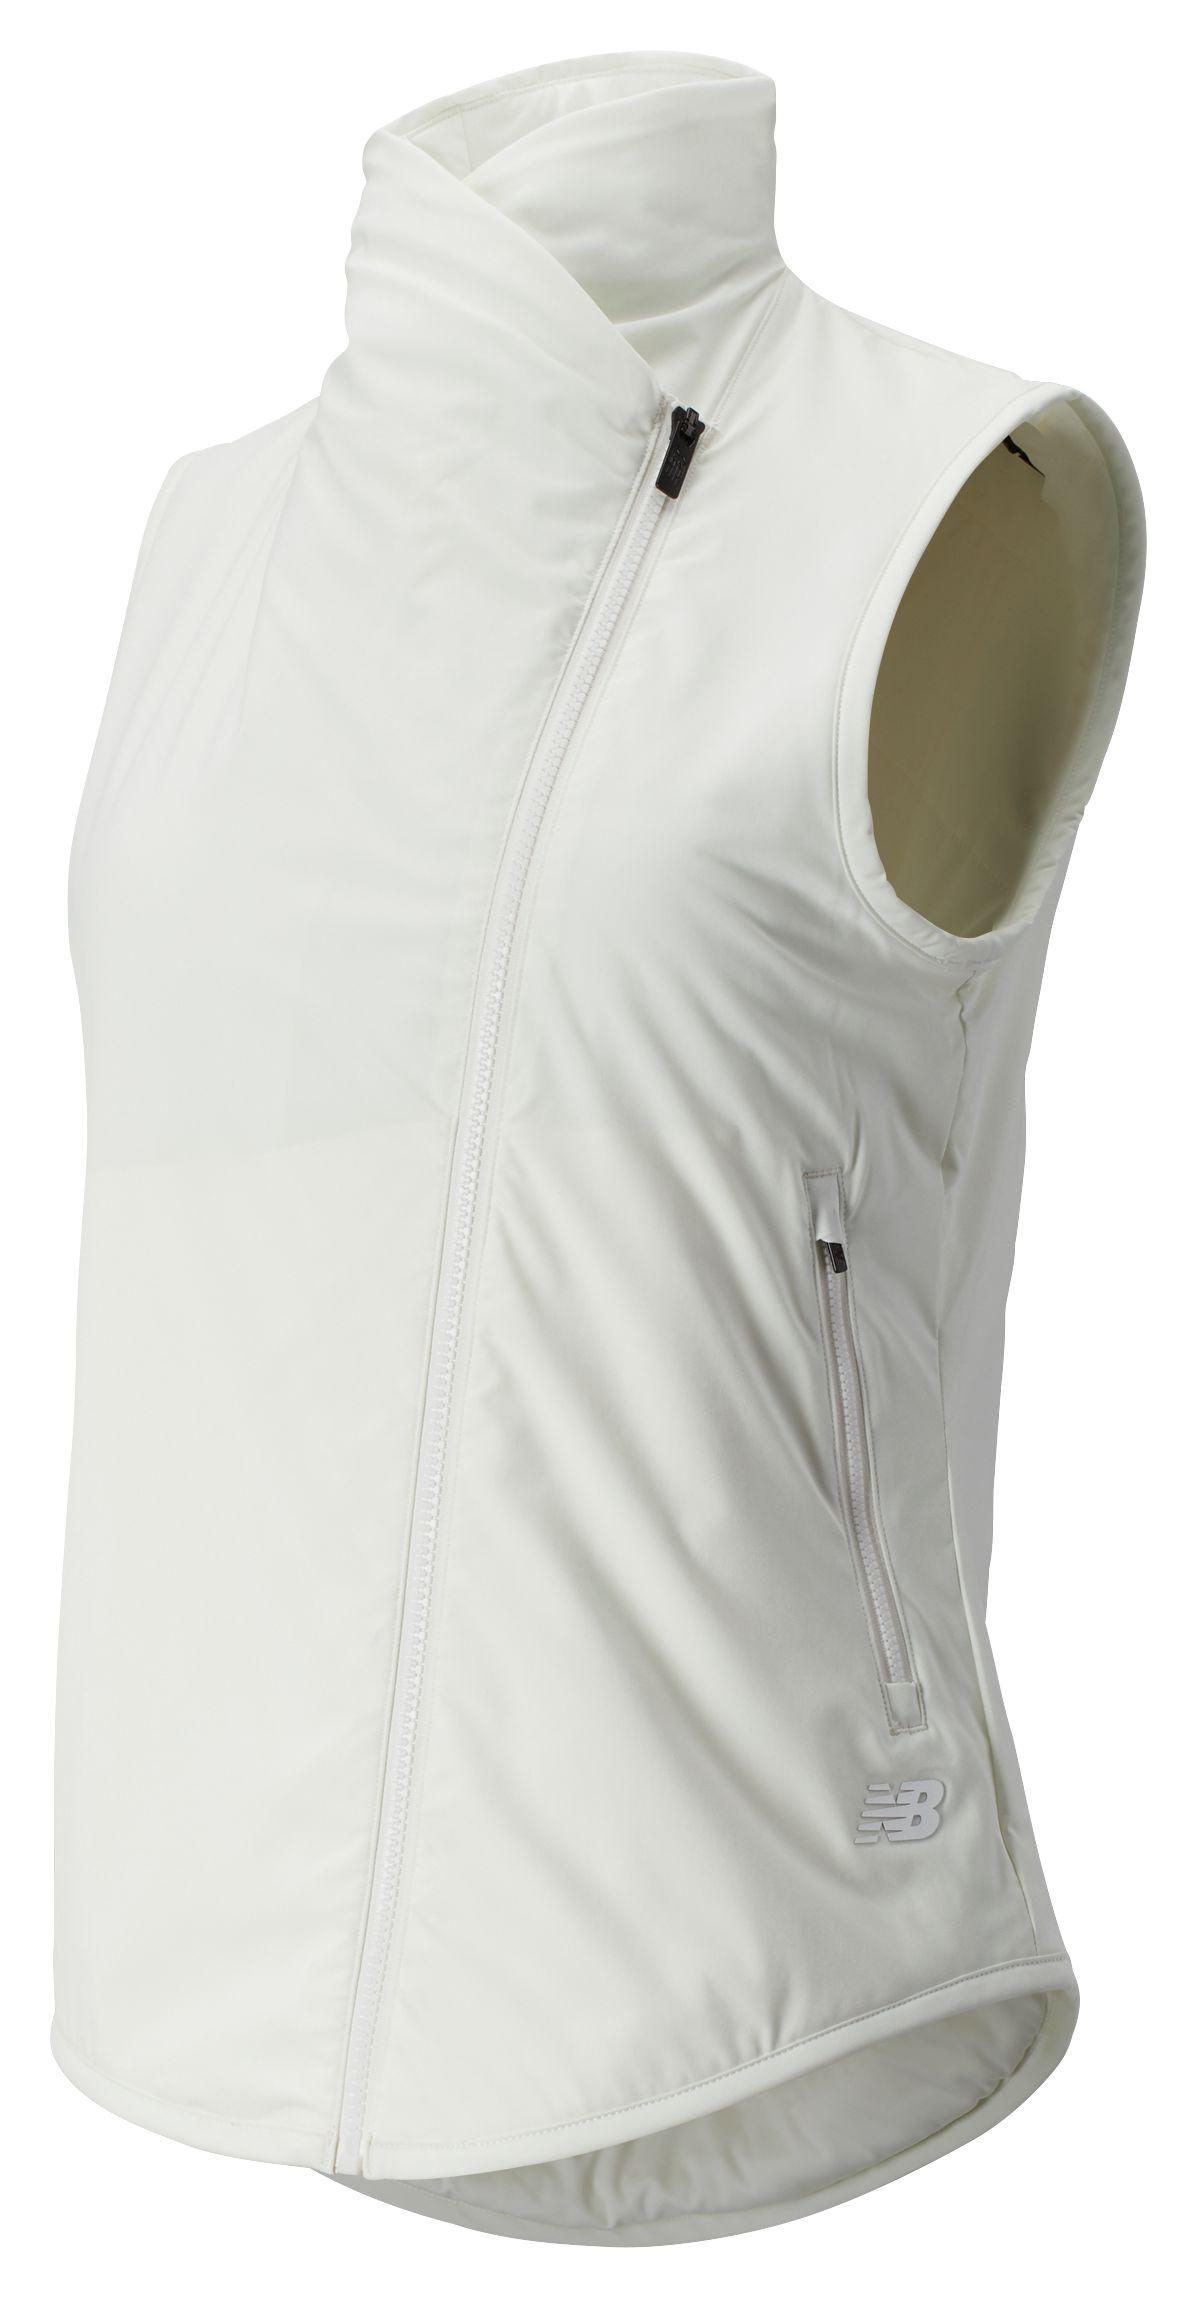 Women's Determination NB Heat Flex Asym Vest